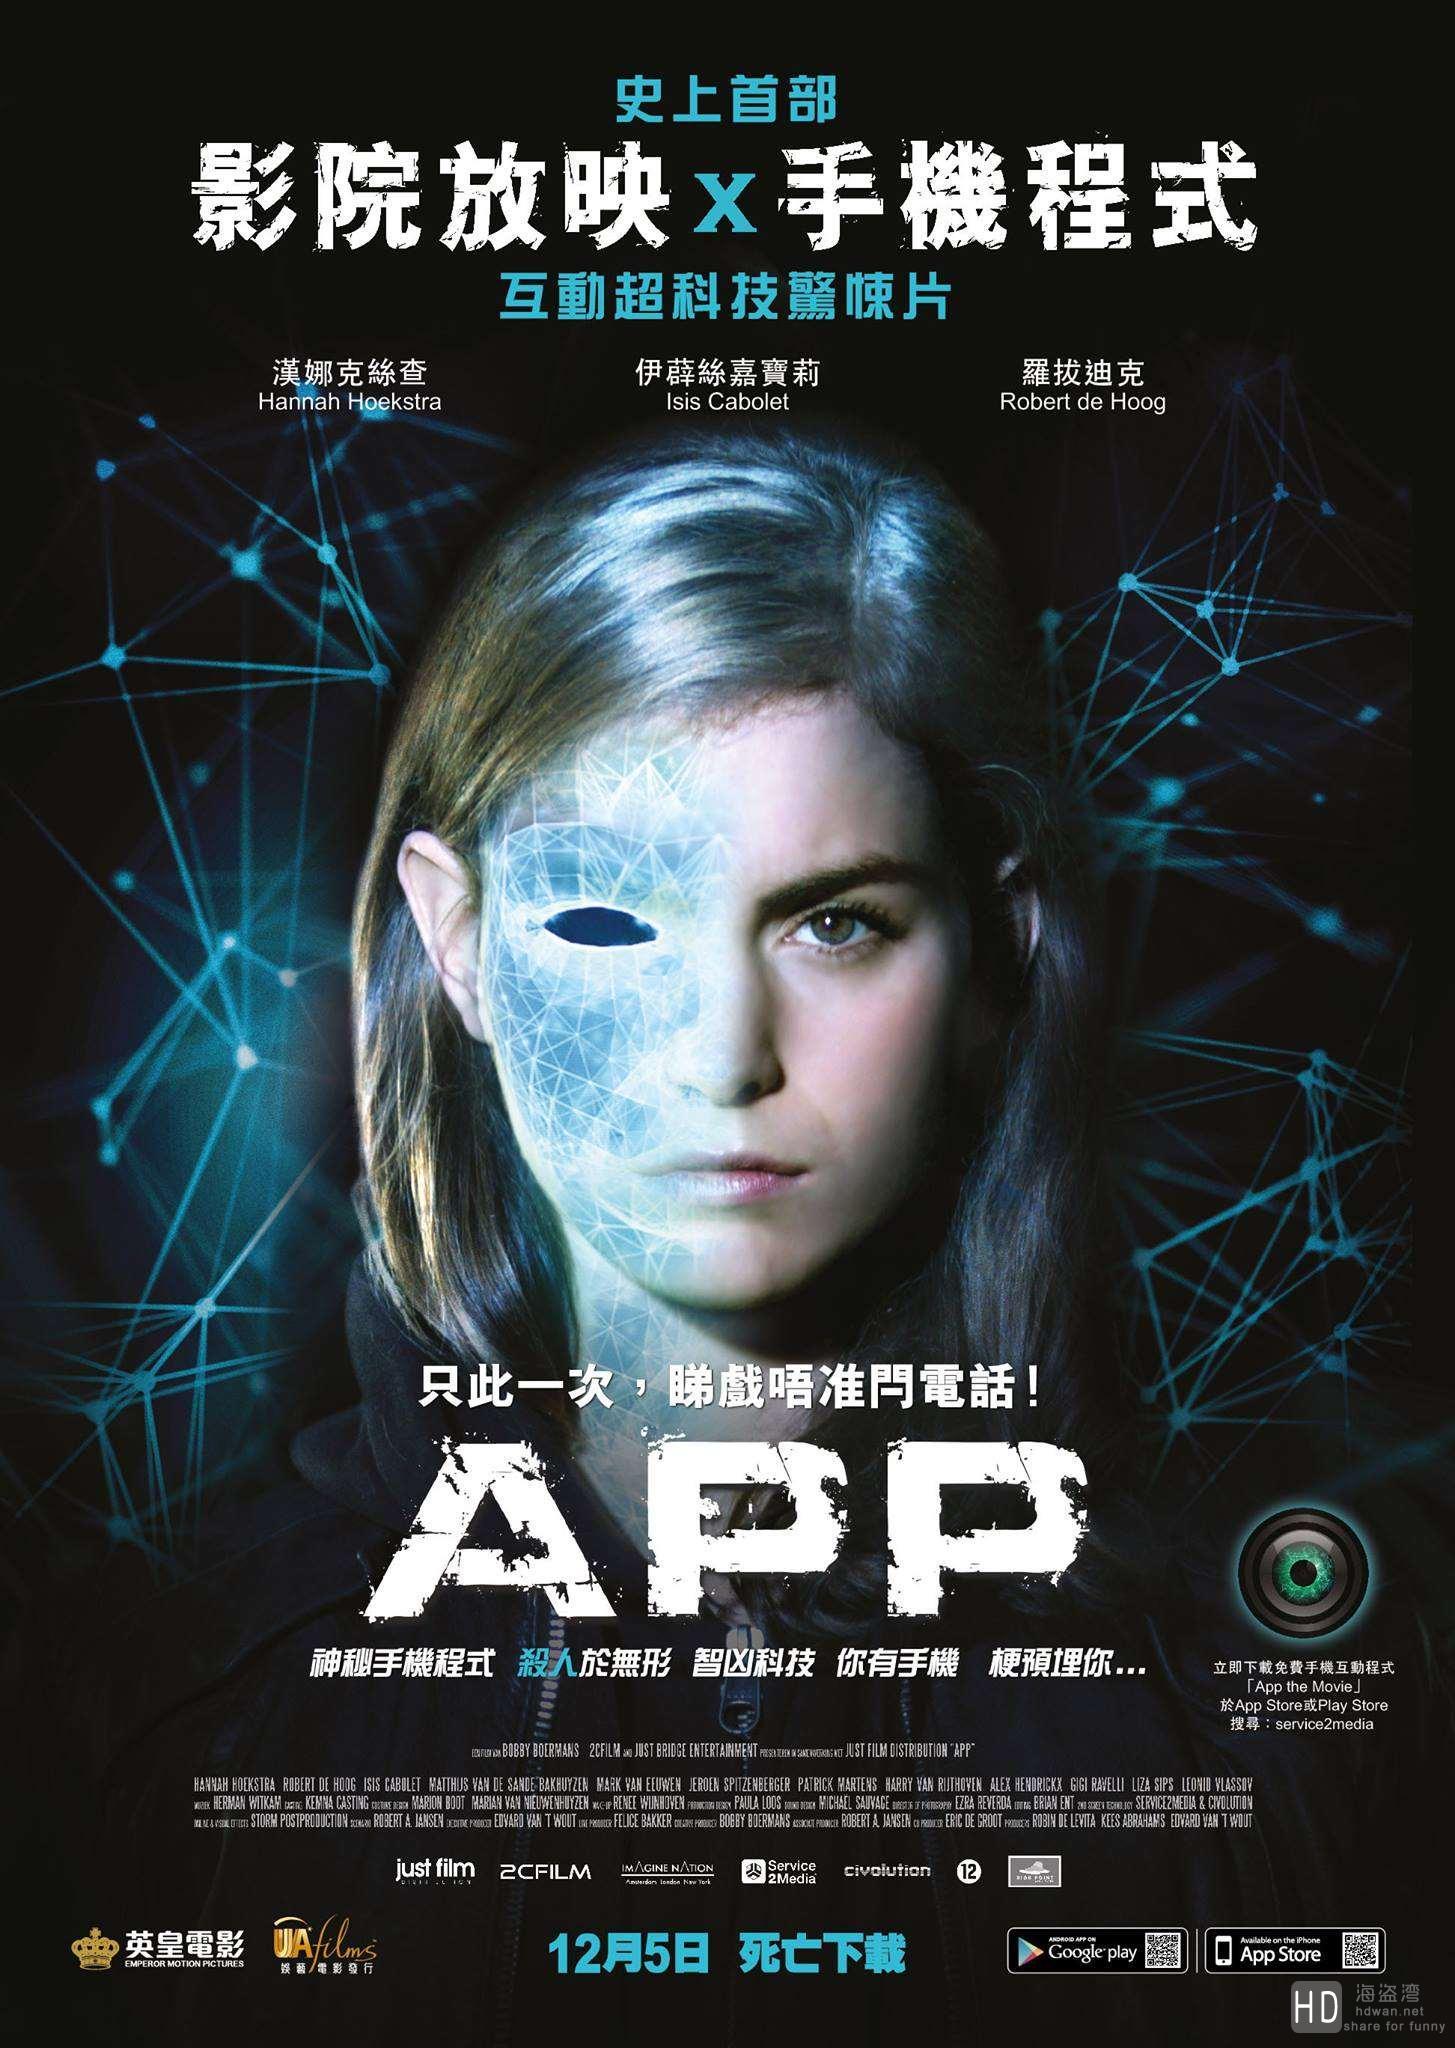 [2013年][手机有鬼/APP][BluRay-1080P.MKV+720P.MKV][中文字幕]